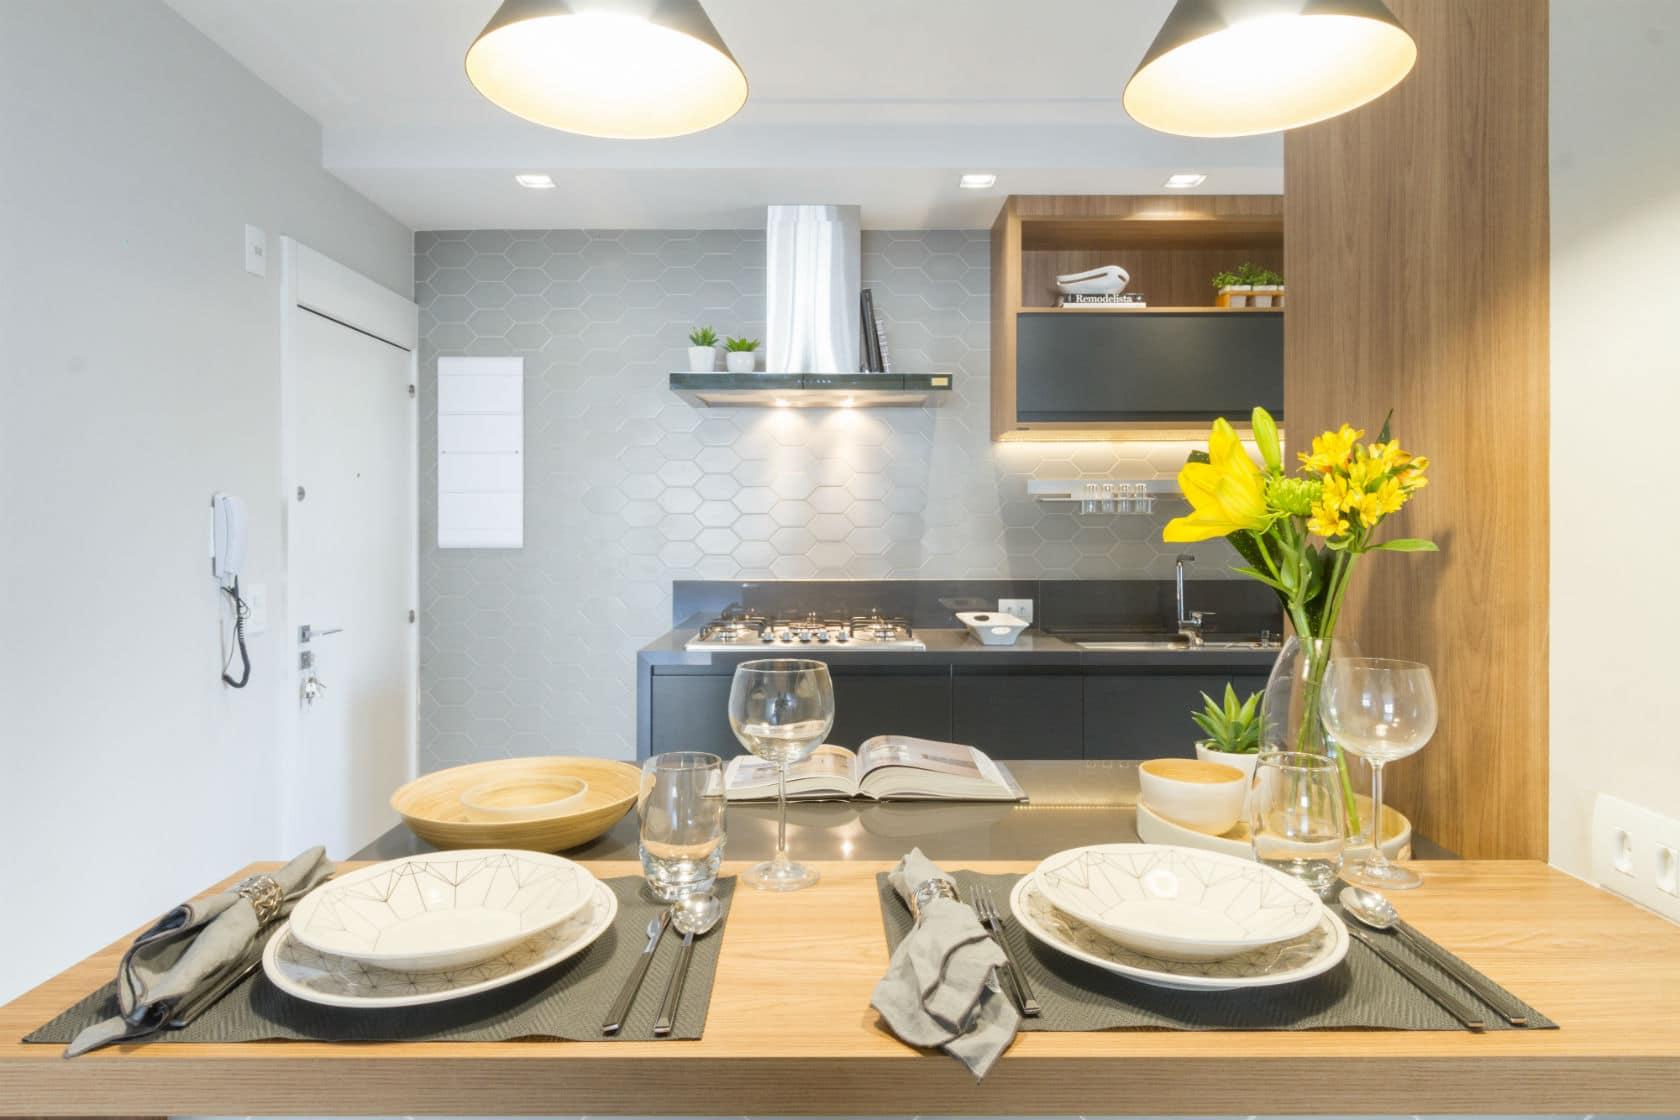 Pendentes na cozinha: saiba como usar esse tipo de iluminação para tornar a cozinha mais aconchegante